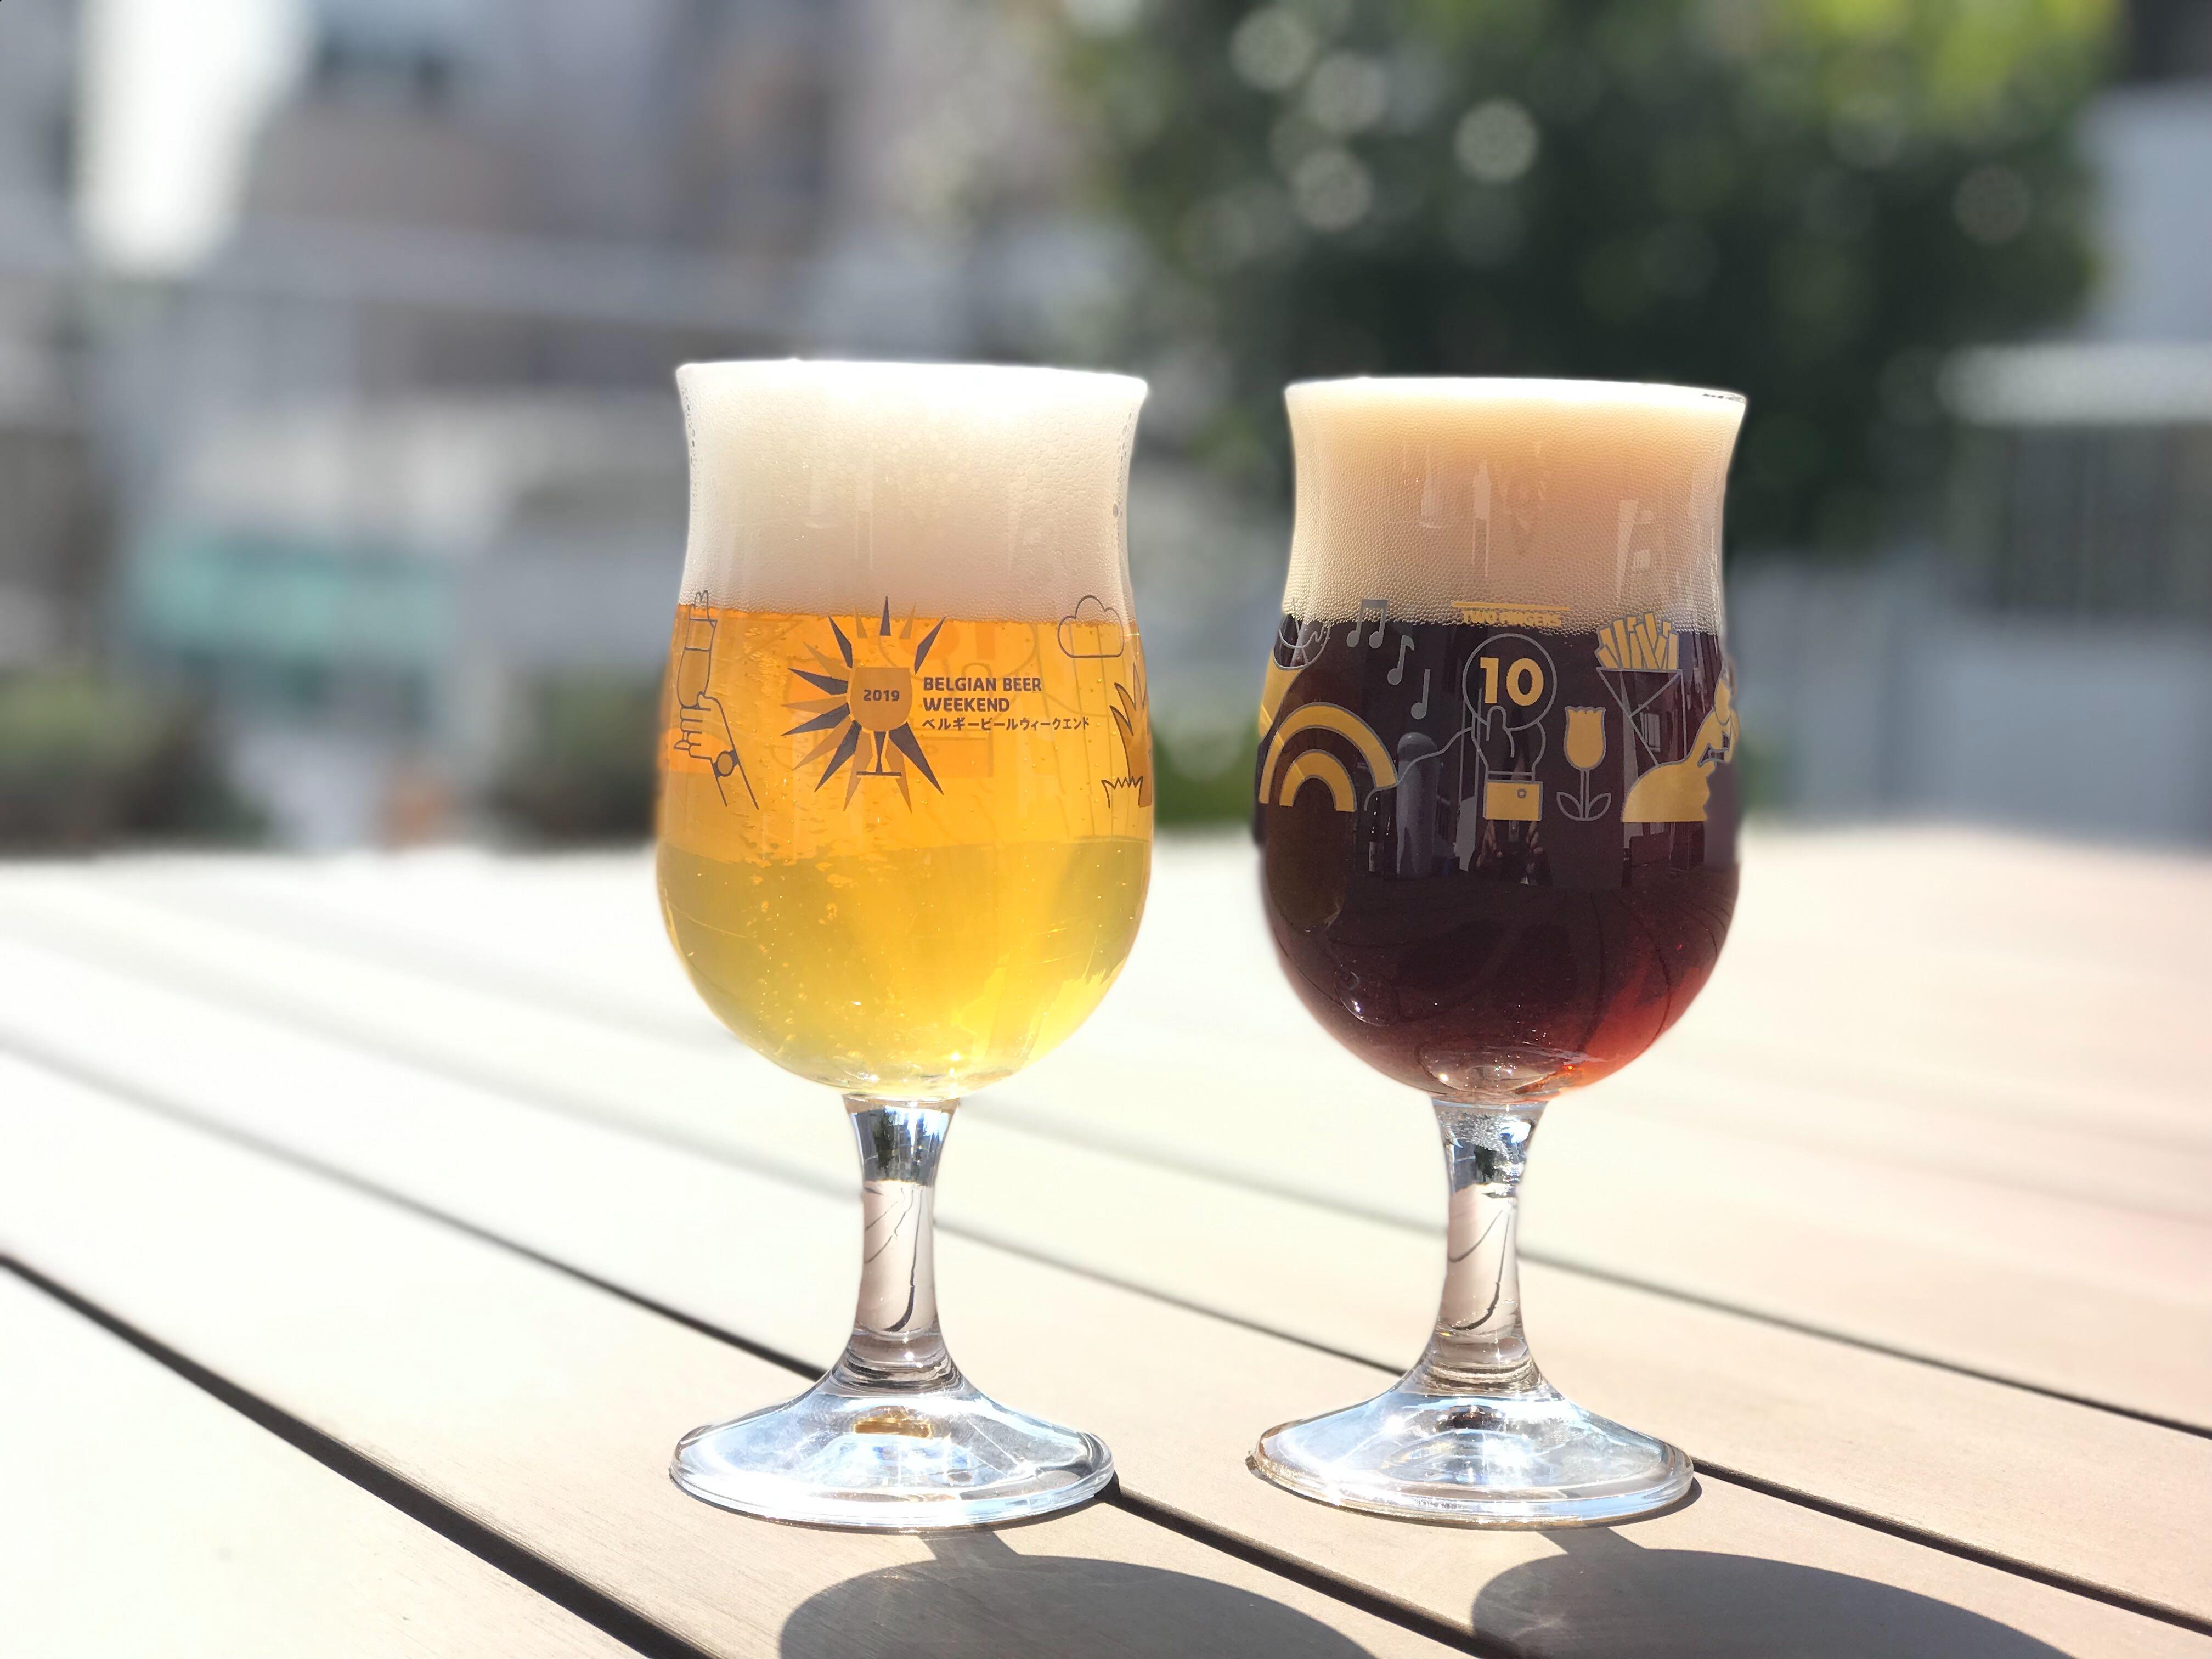 """「ベルギービールウィークエンド2019 名古屋」105種類のベルギービールが登場!10年目を祝う""""WOW!""""な企画も盛りだくさん!"""